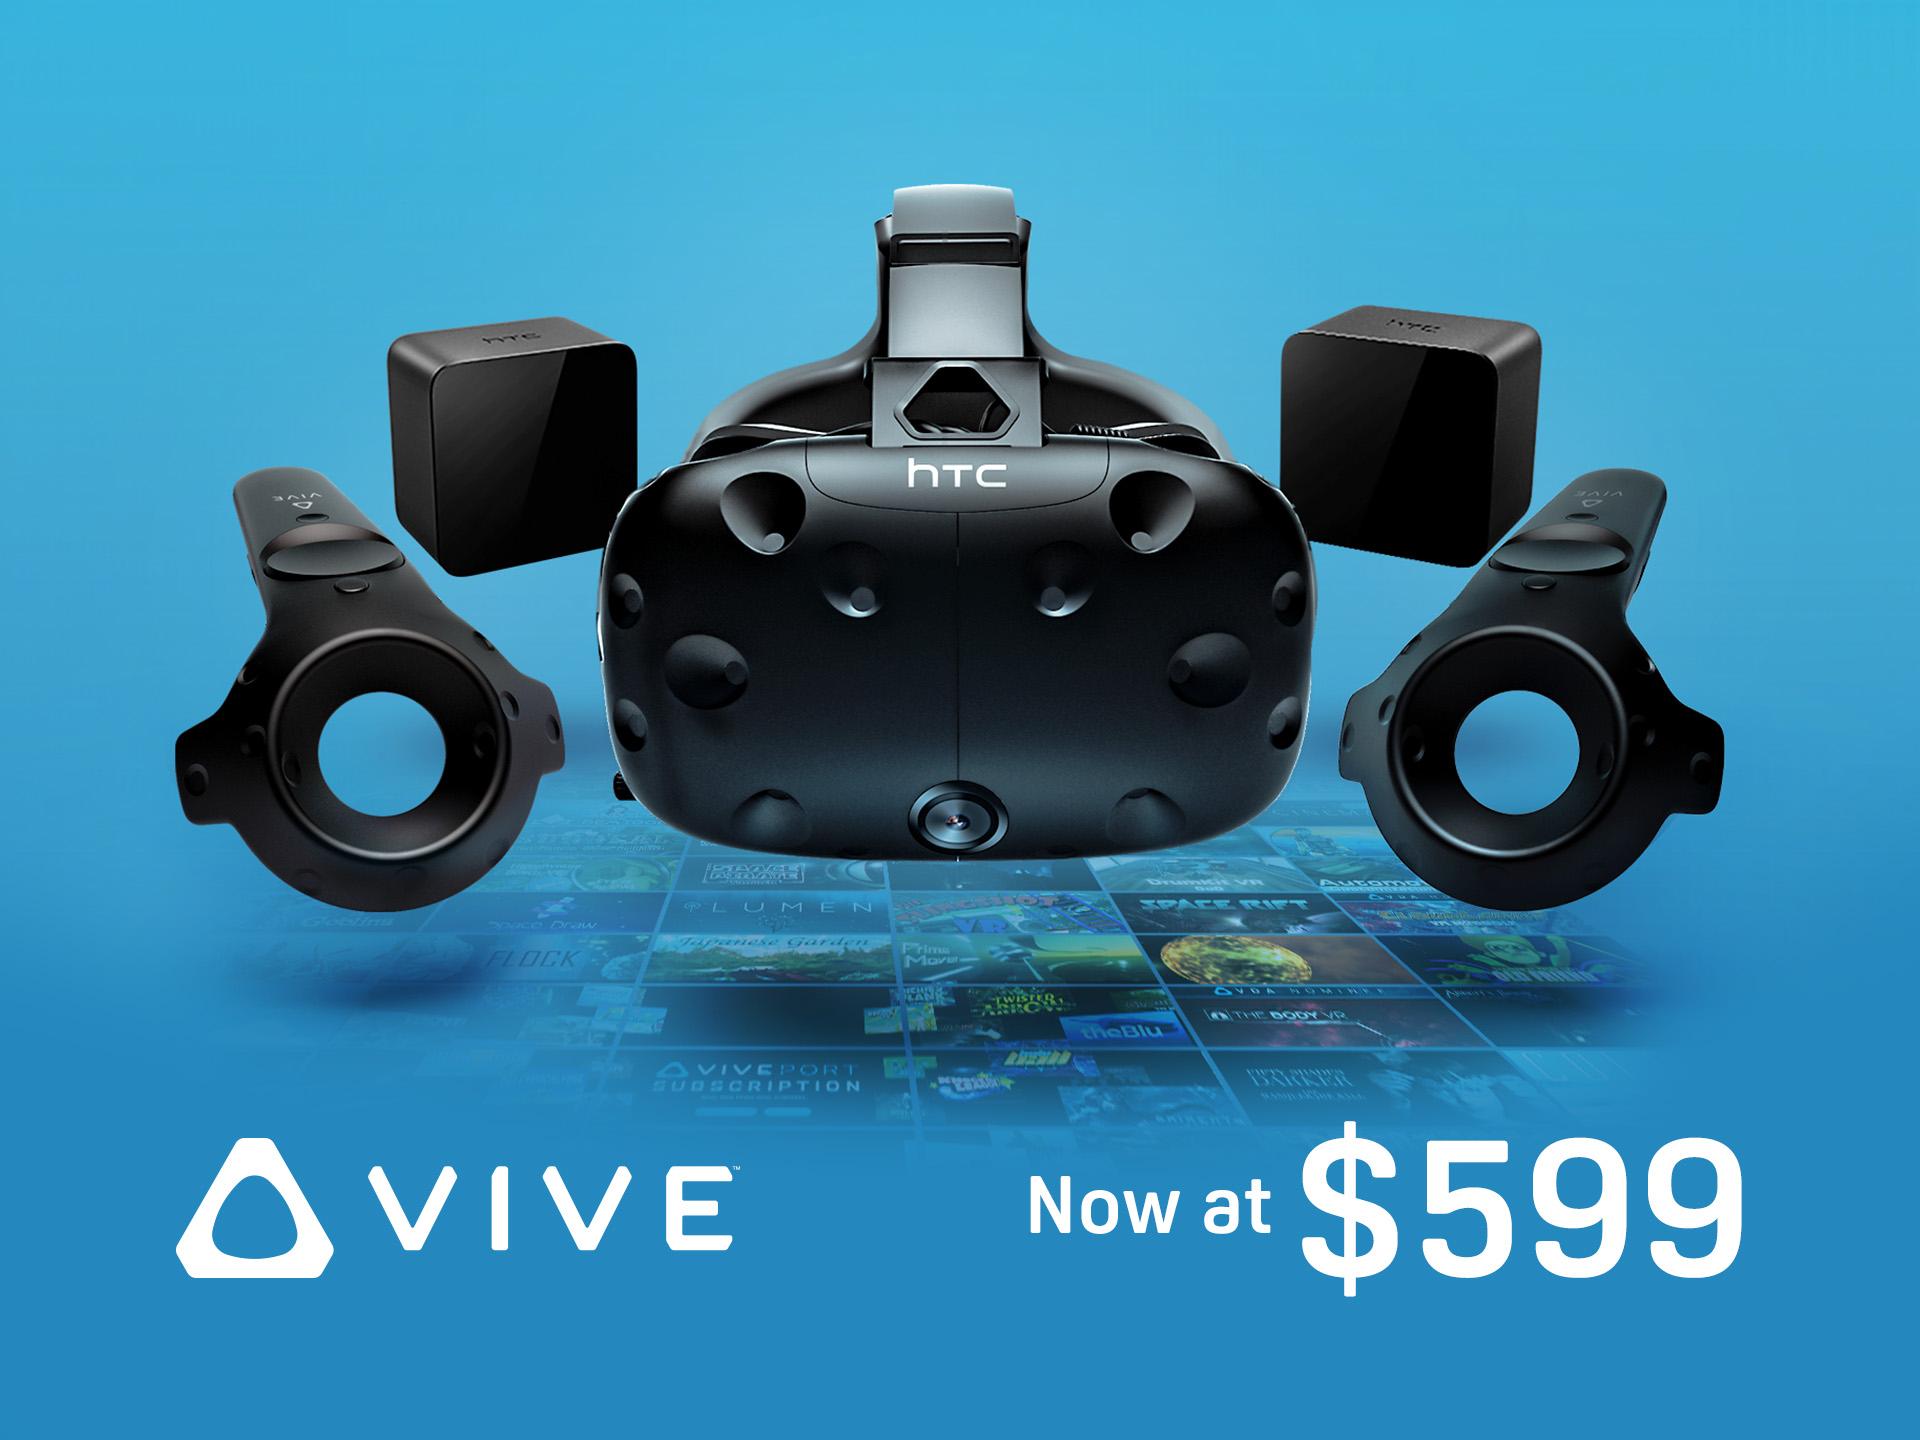 اچ تی سی قیمت هدست Vive را کاهش داد